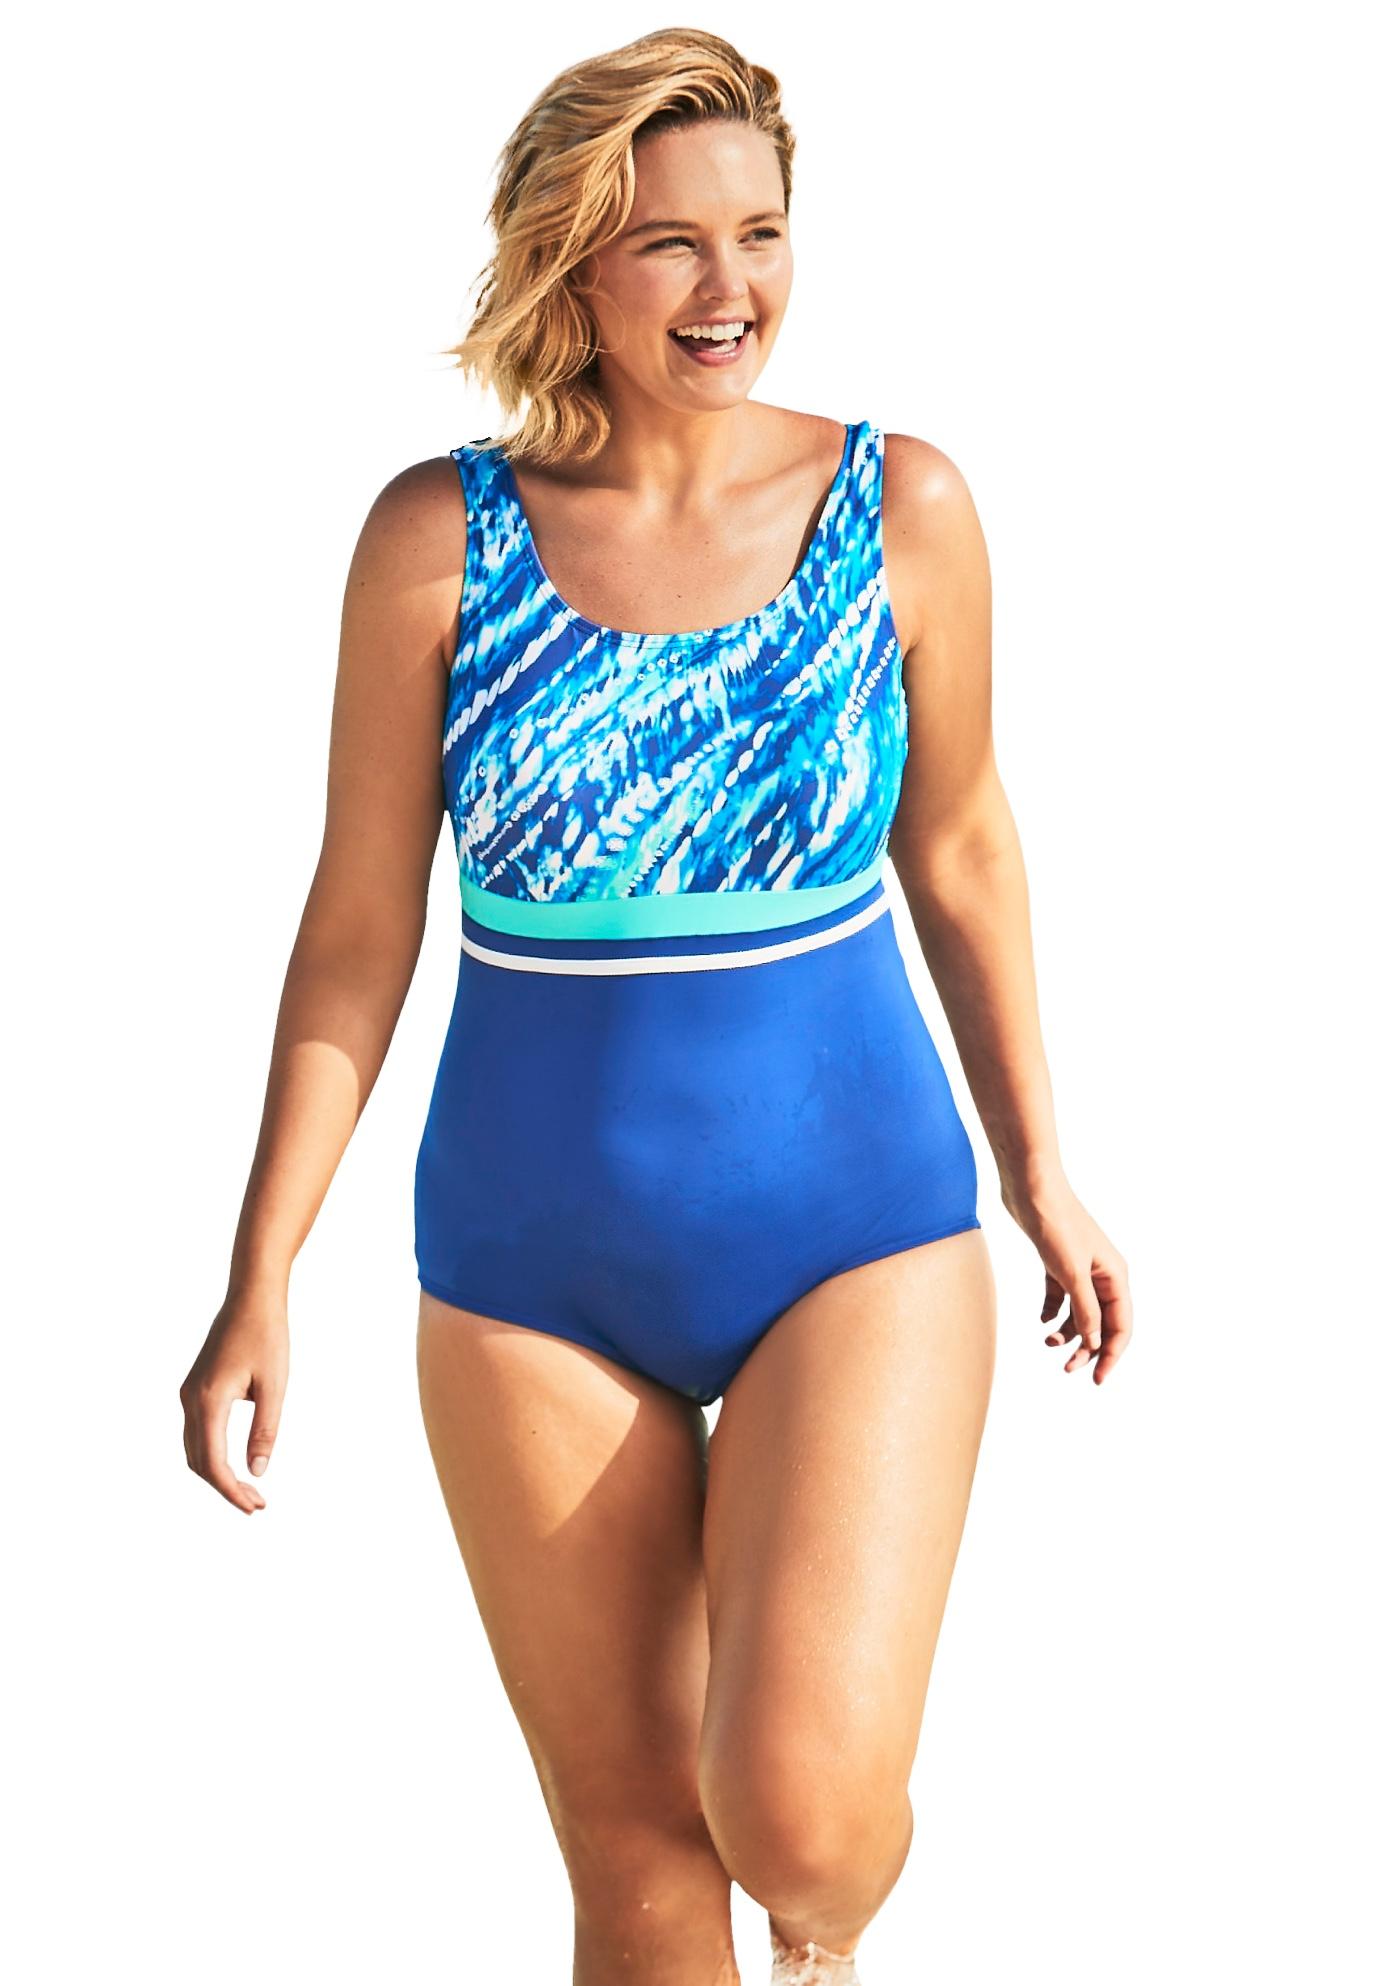 Plus Size Women's Empire-Waist Swimsuit with Molded Bra by Swim 365 in Dream Blue Tie Dye